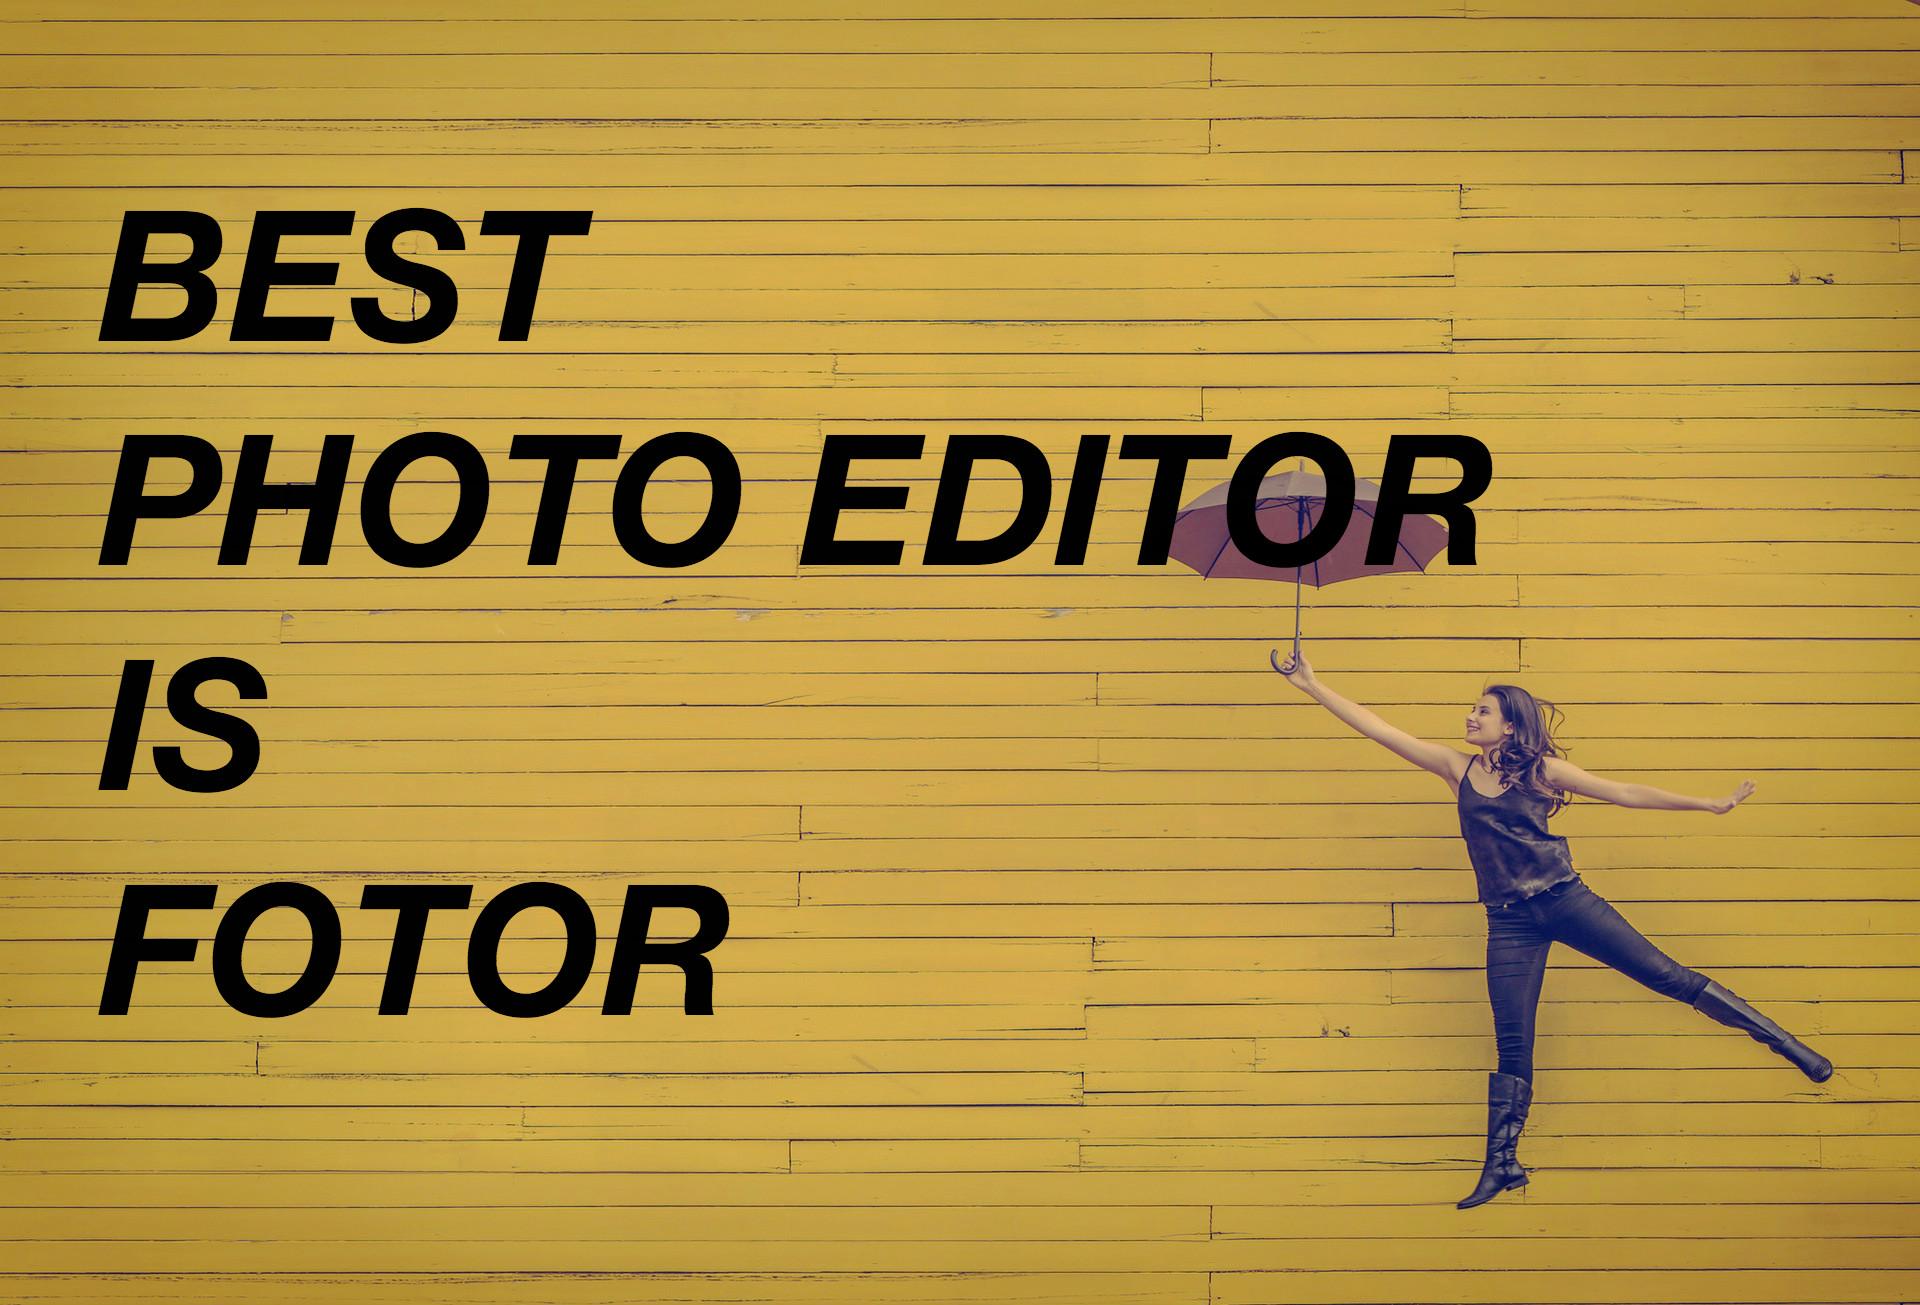 オンライン版フォトショ!めっちゃ簡単にアイキャッチ画像が作れる「Fotor」【PR】